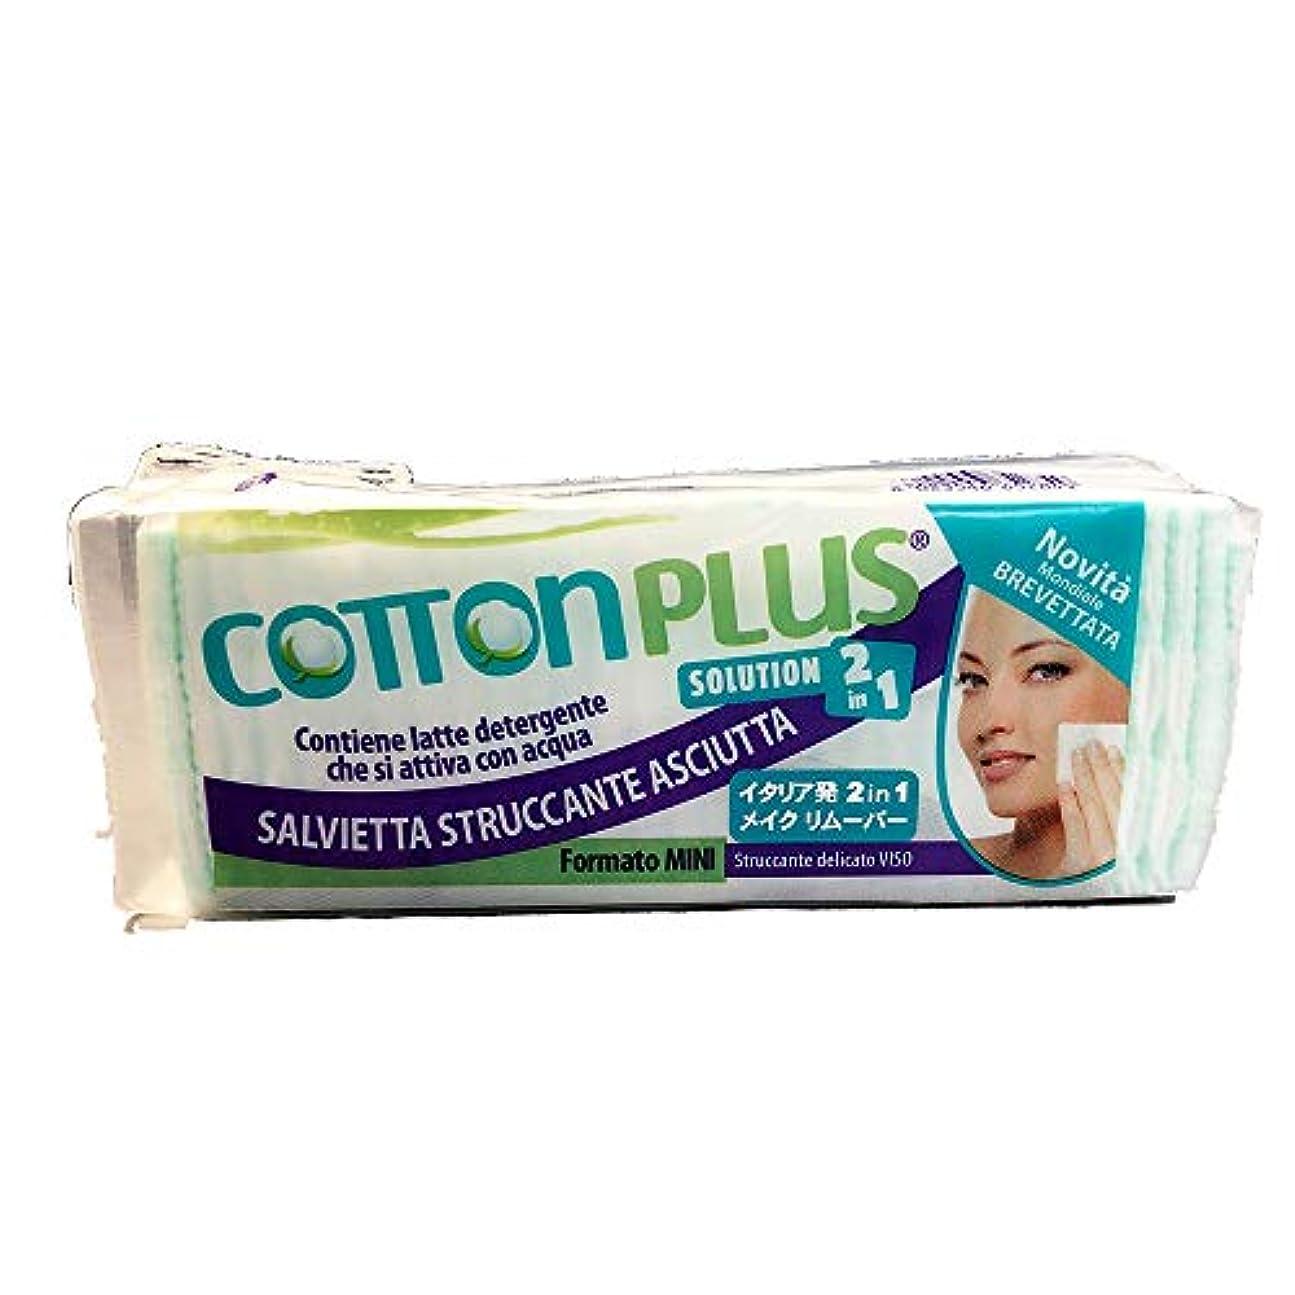 望ましい一方、パンクレンジングコットン メイク落とし コットンプラス COTTON PLUS SOLUTION 2 IN 1 ミニサイズ(60枚入り) 保湿 化粧水